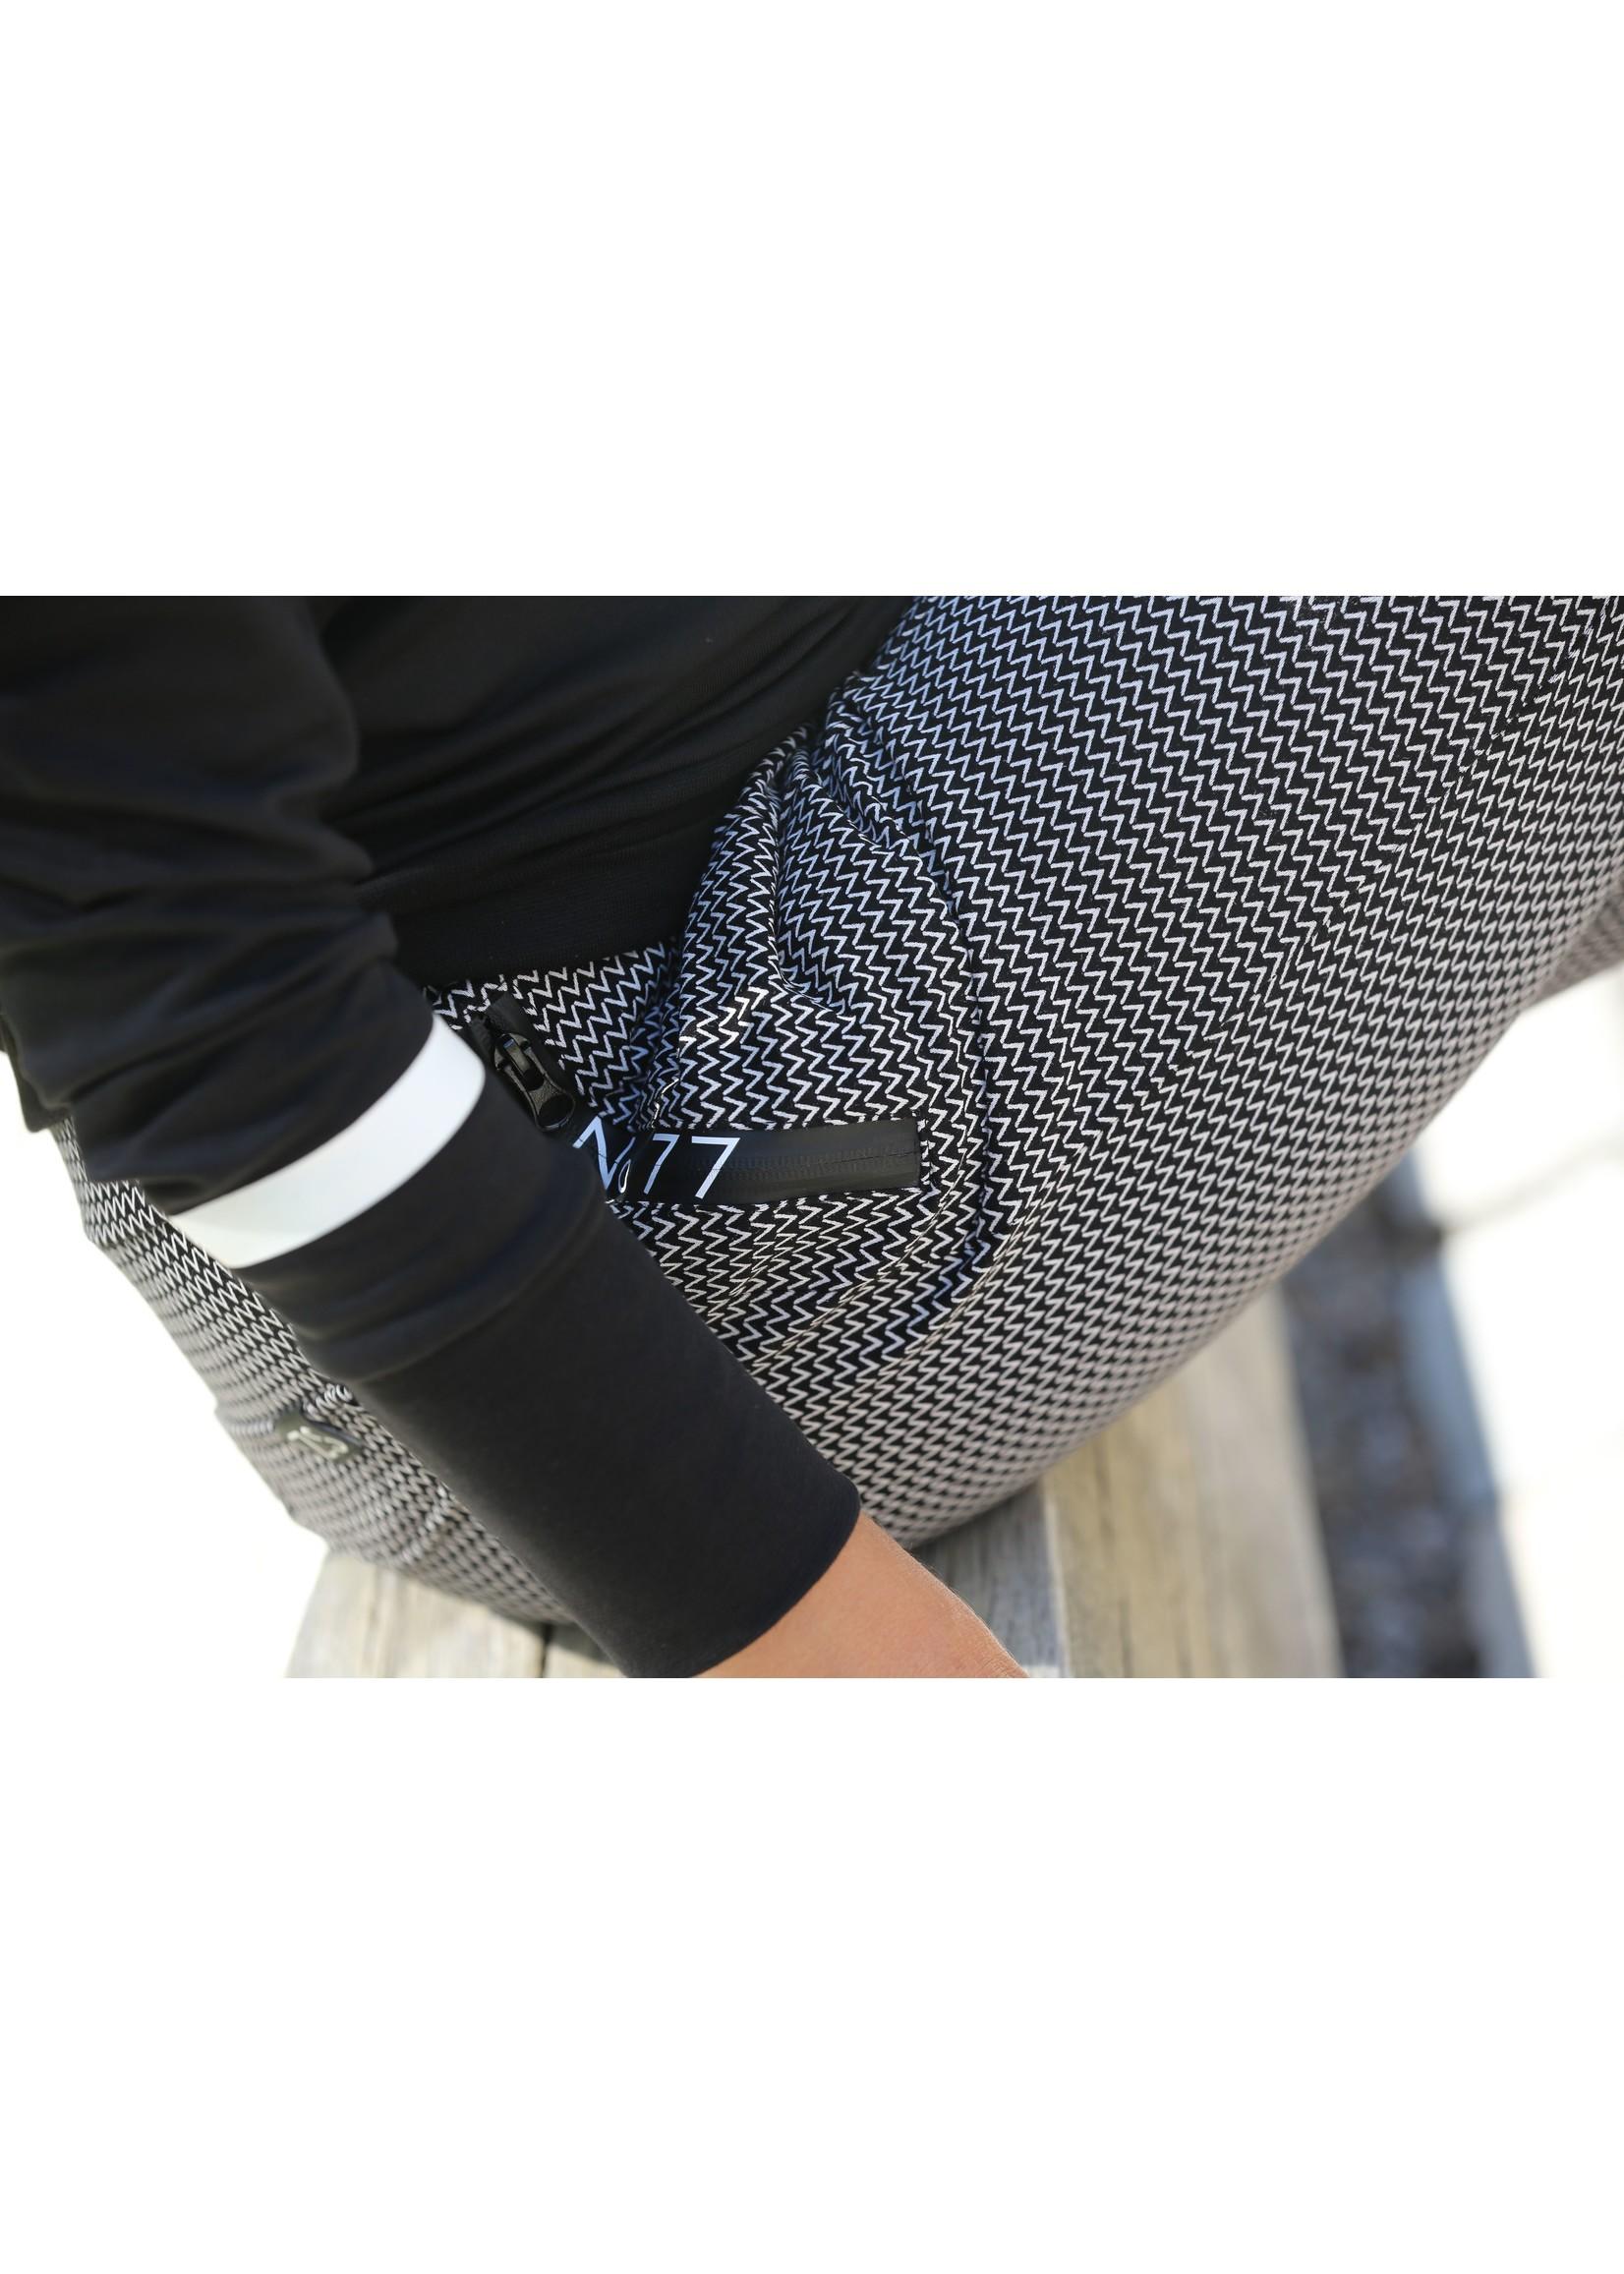 Zoso Didi Hooded sweater  techprint